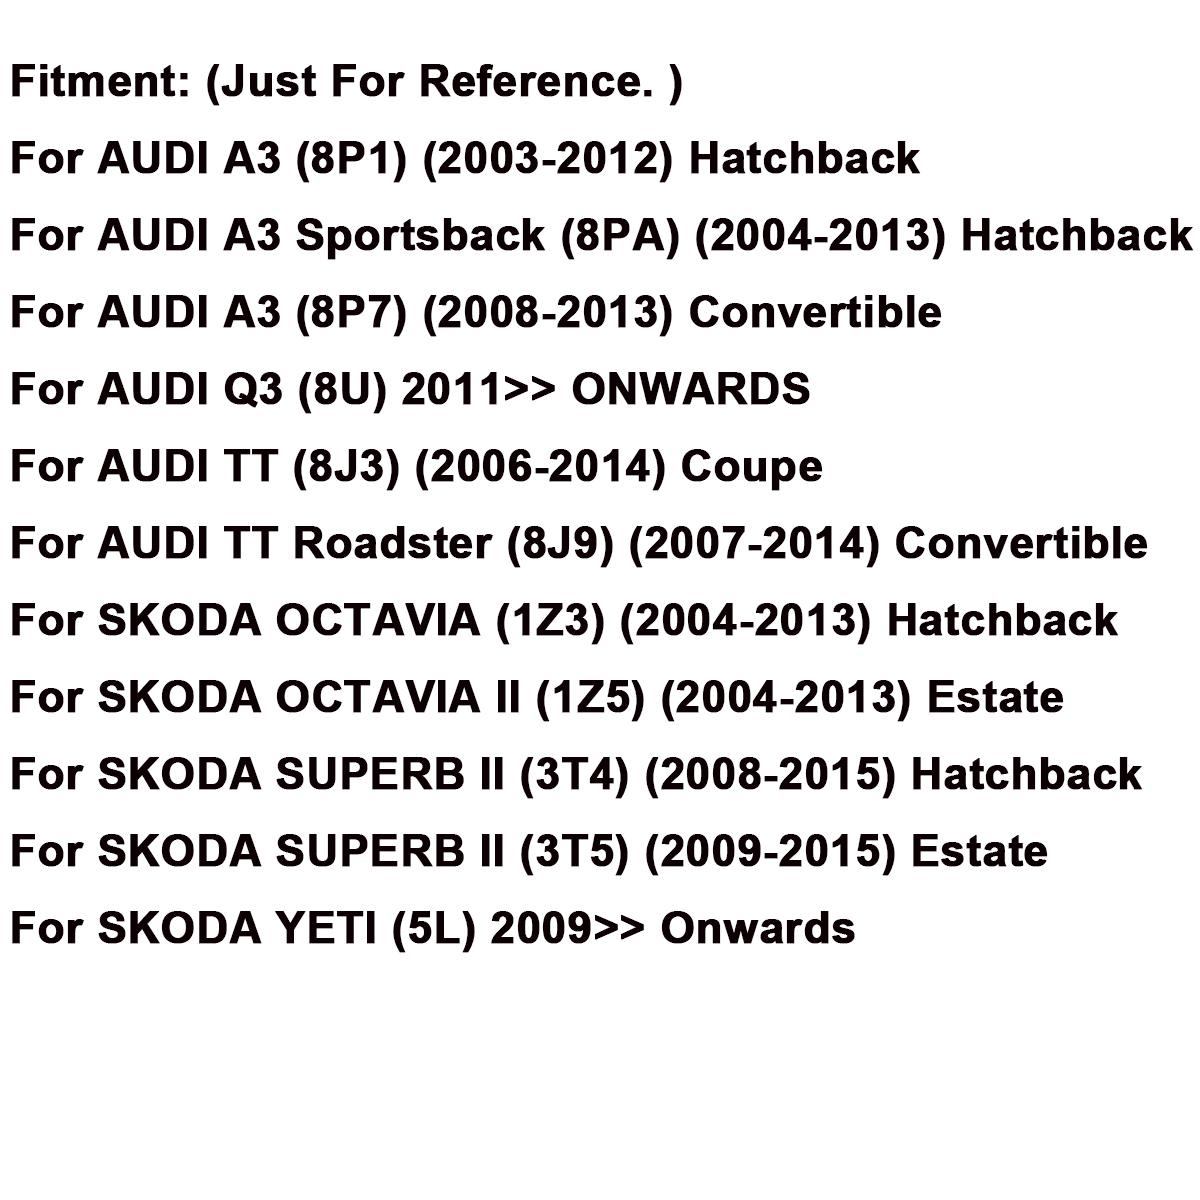 Heater blower motor fan 1k2820015a for audi a3 q3 tt skoda